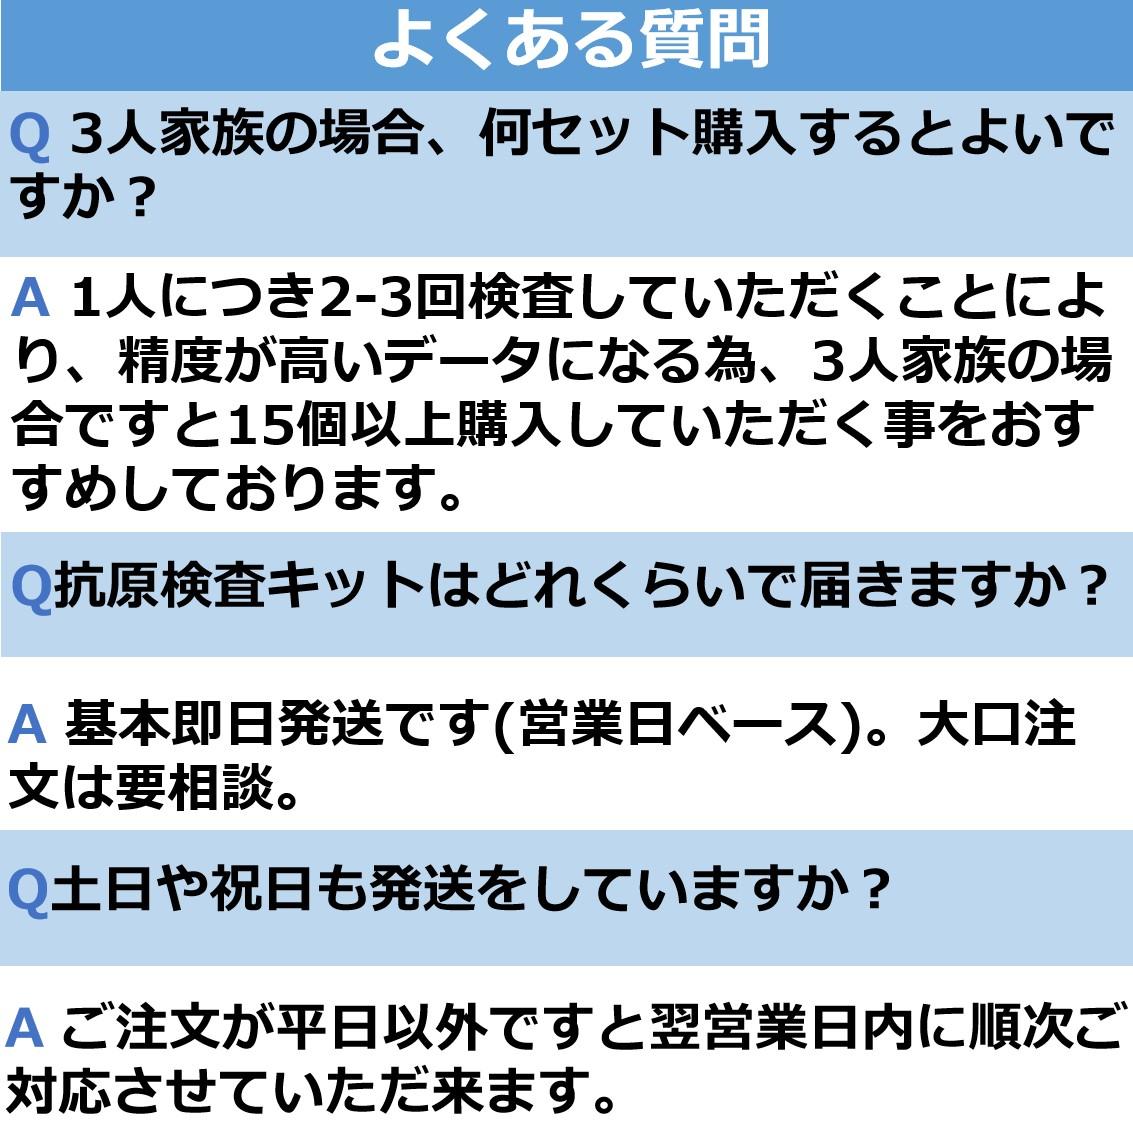 @3750円【3回分】新型コロナ抗原検査キット※送料無料